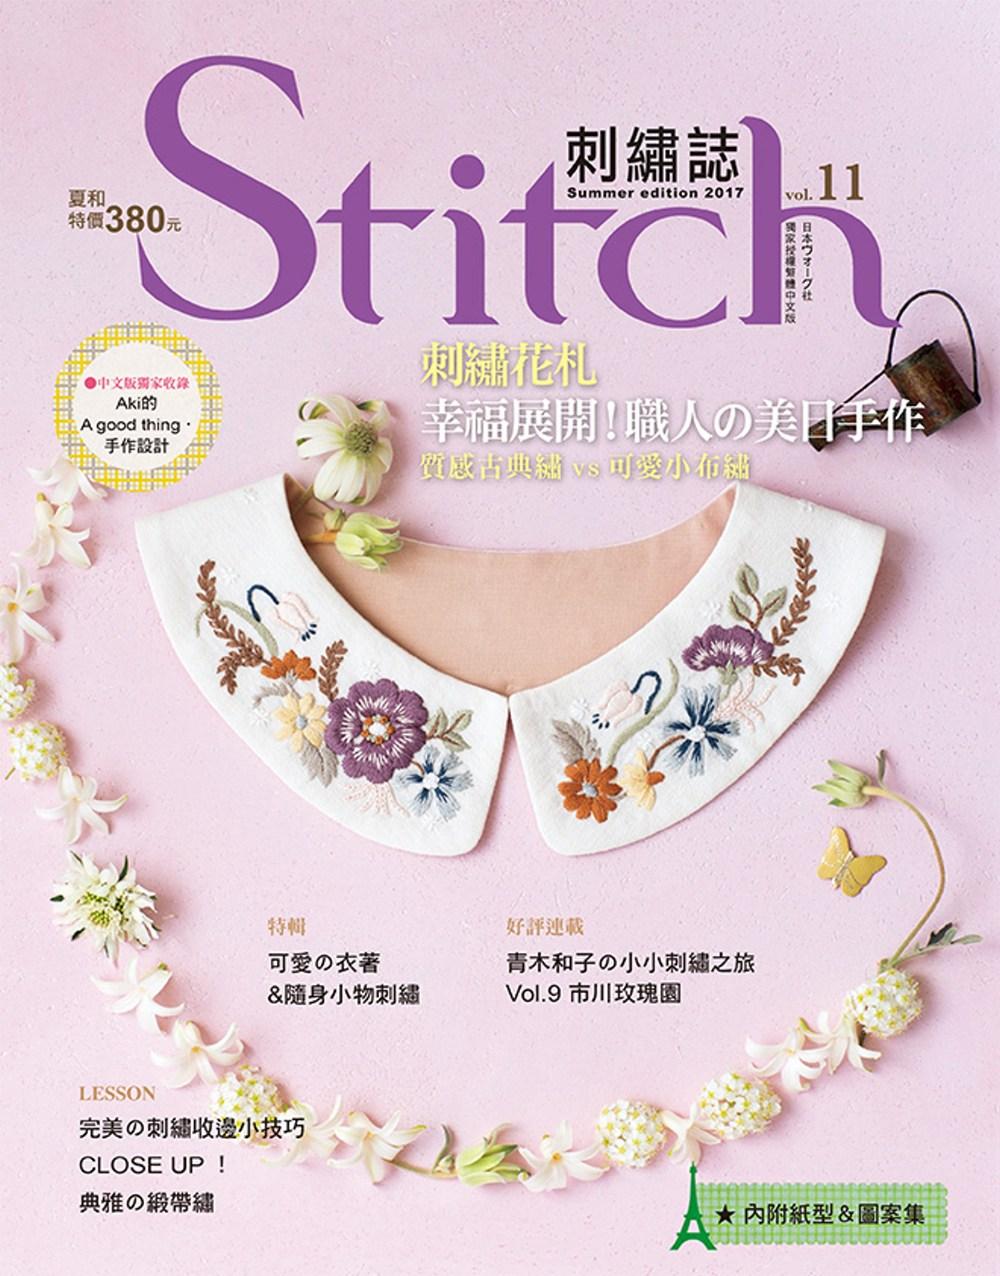 Stitch刺繡誌11:刺繡花札-幸福展開!職人的美日手作;質感古典繡vs可愛小布繡